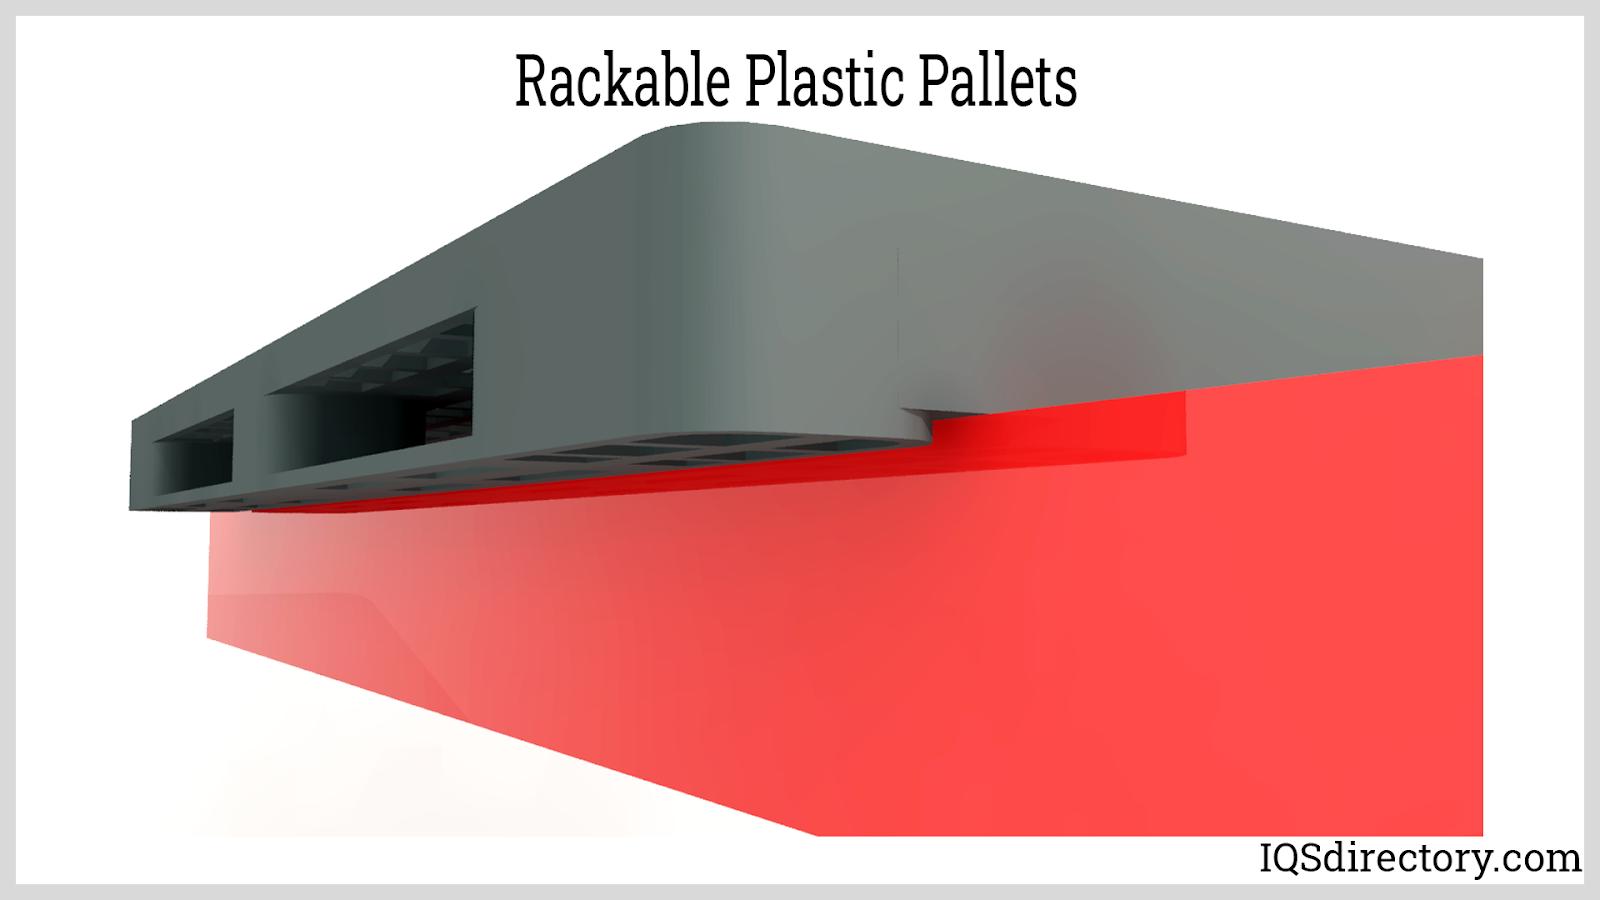 Rackable Plastic Pallets